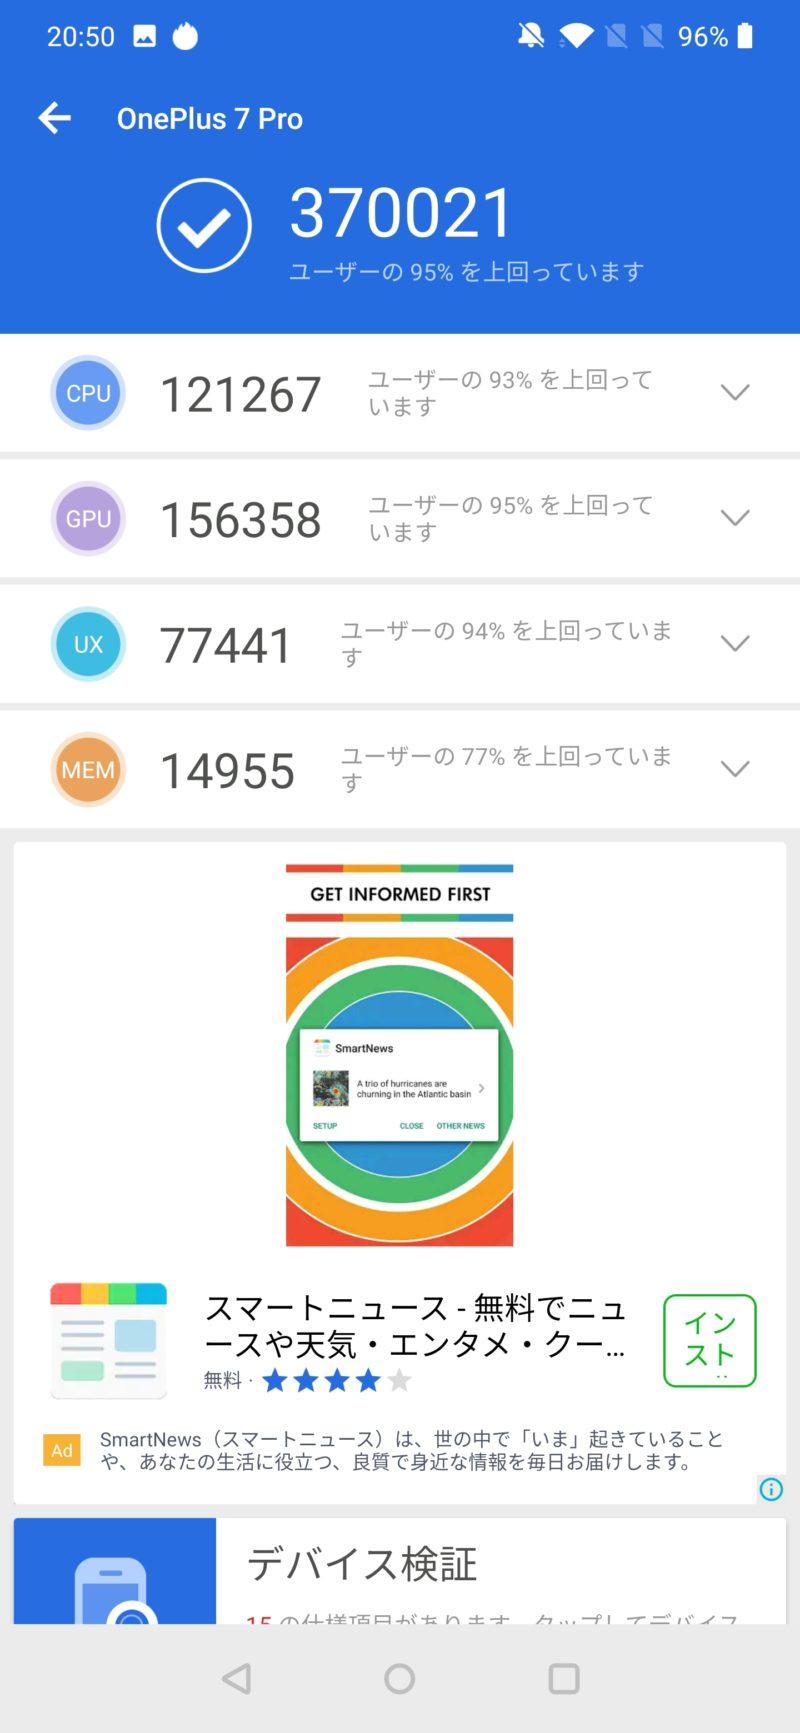 Screenshot 20190917 205034 800x1733-「OnePlus 7 Pro」を実機レビュー!ハイスペックで良いモデルだけど、惜しい部分も目立つ